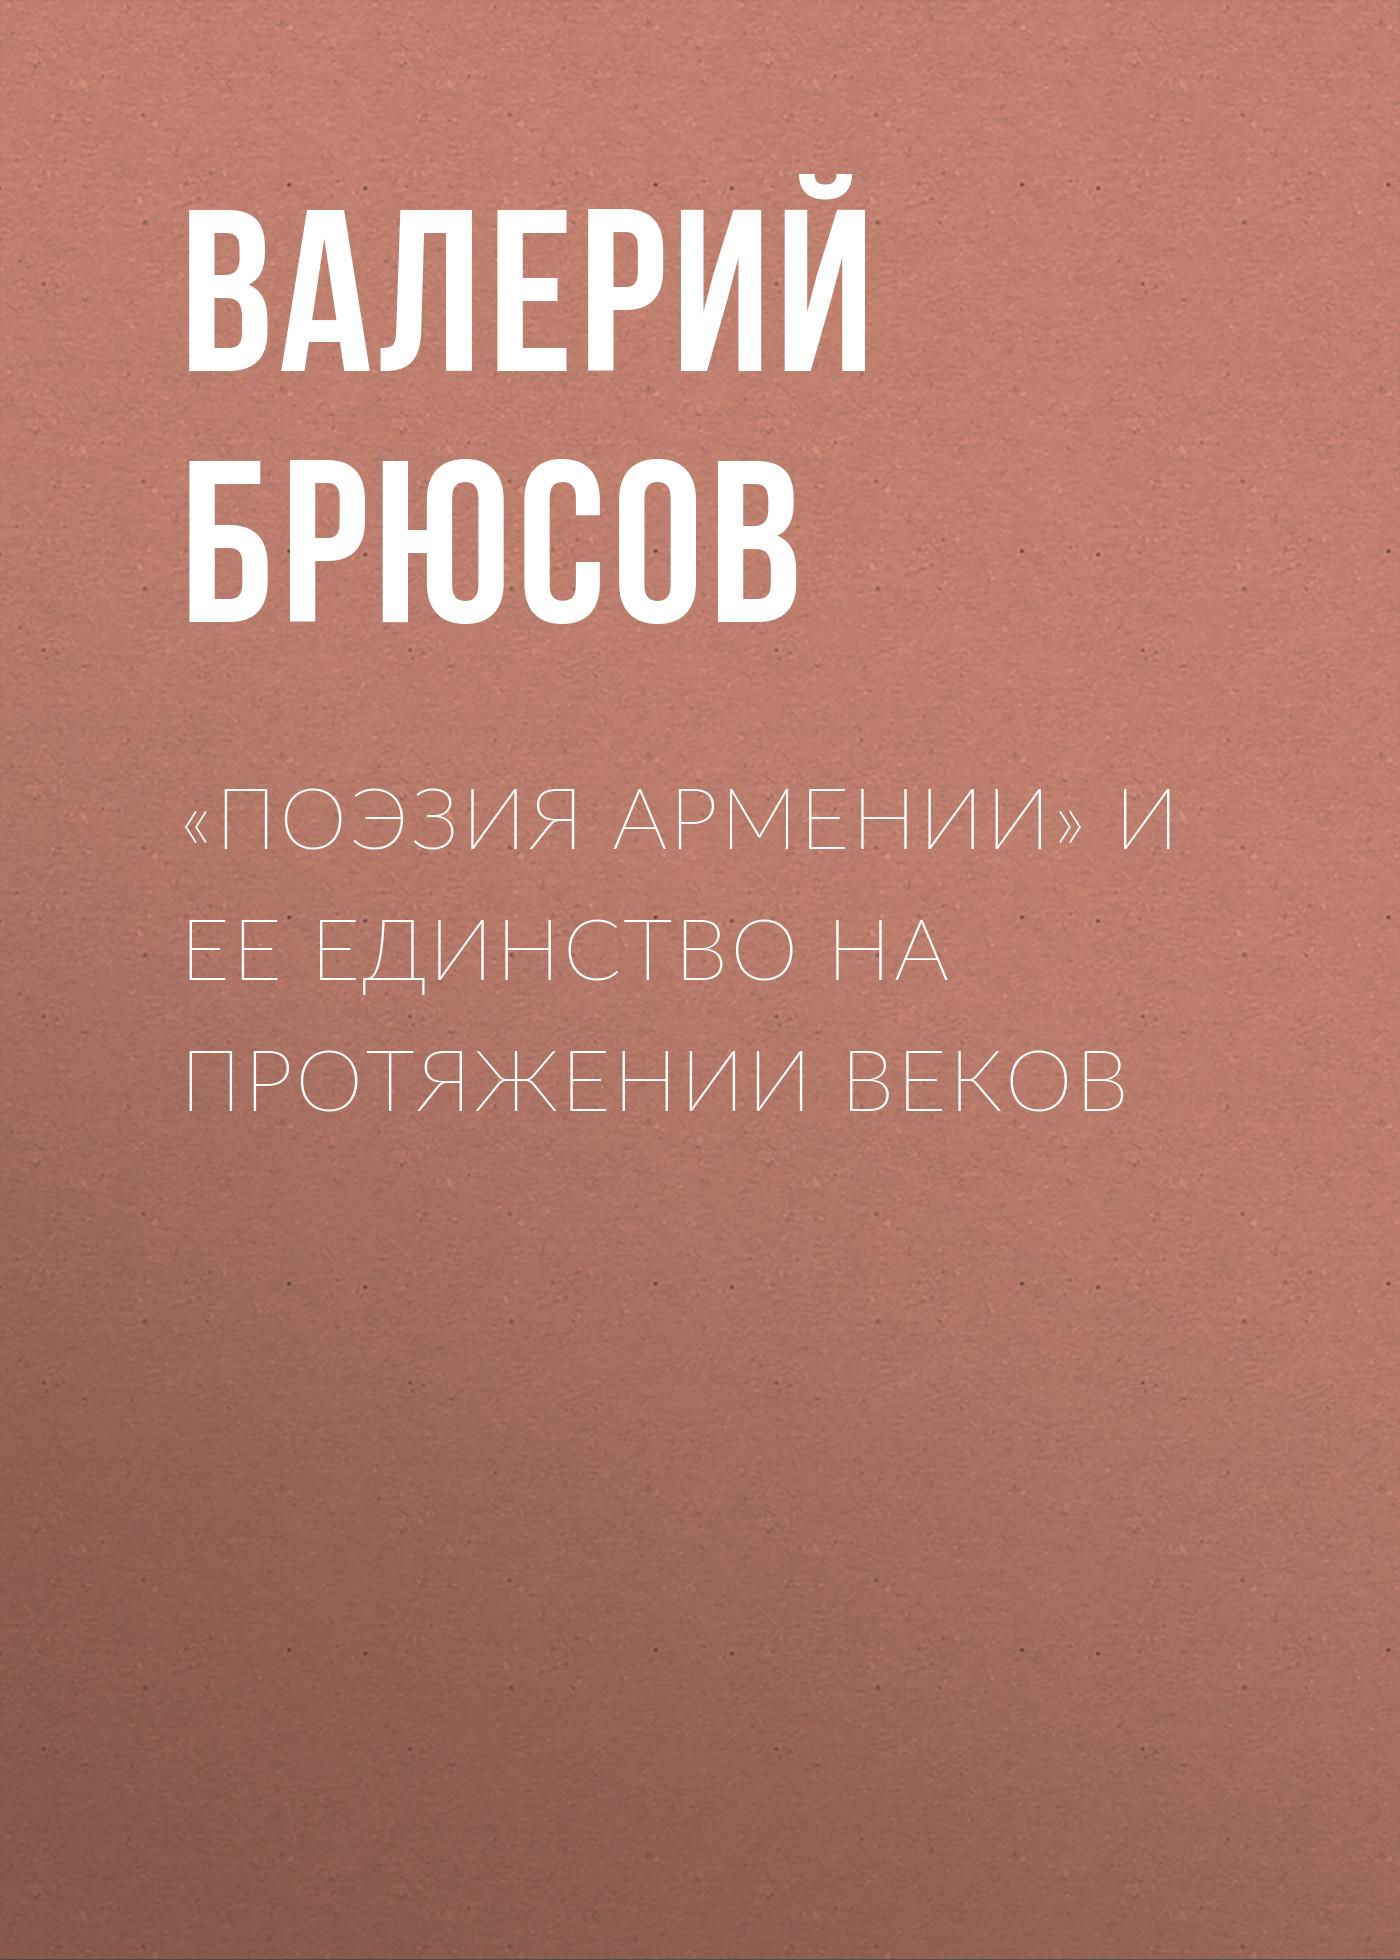 Купить книгу «Поэзия Армении» иее единство напротяжении веков, автора Валерия Брюсова